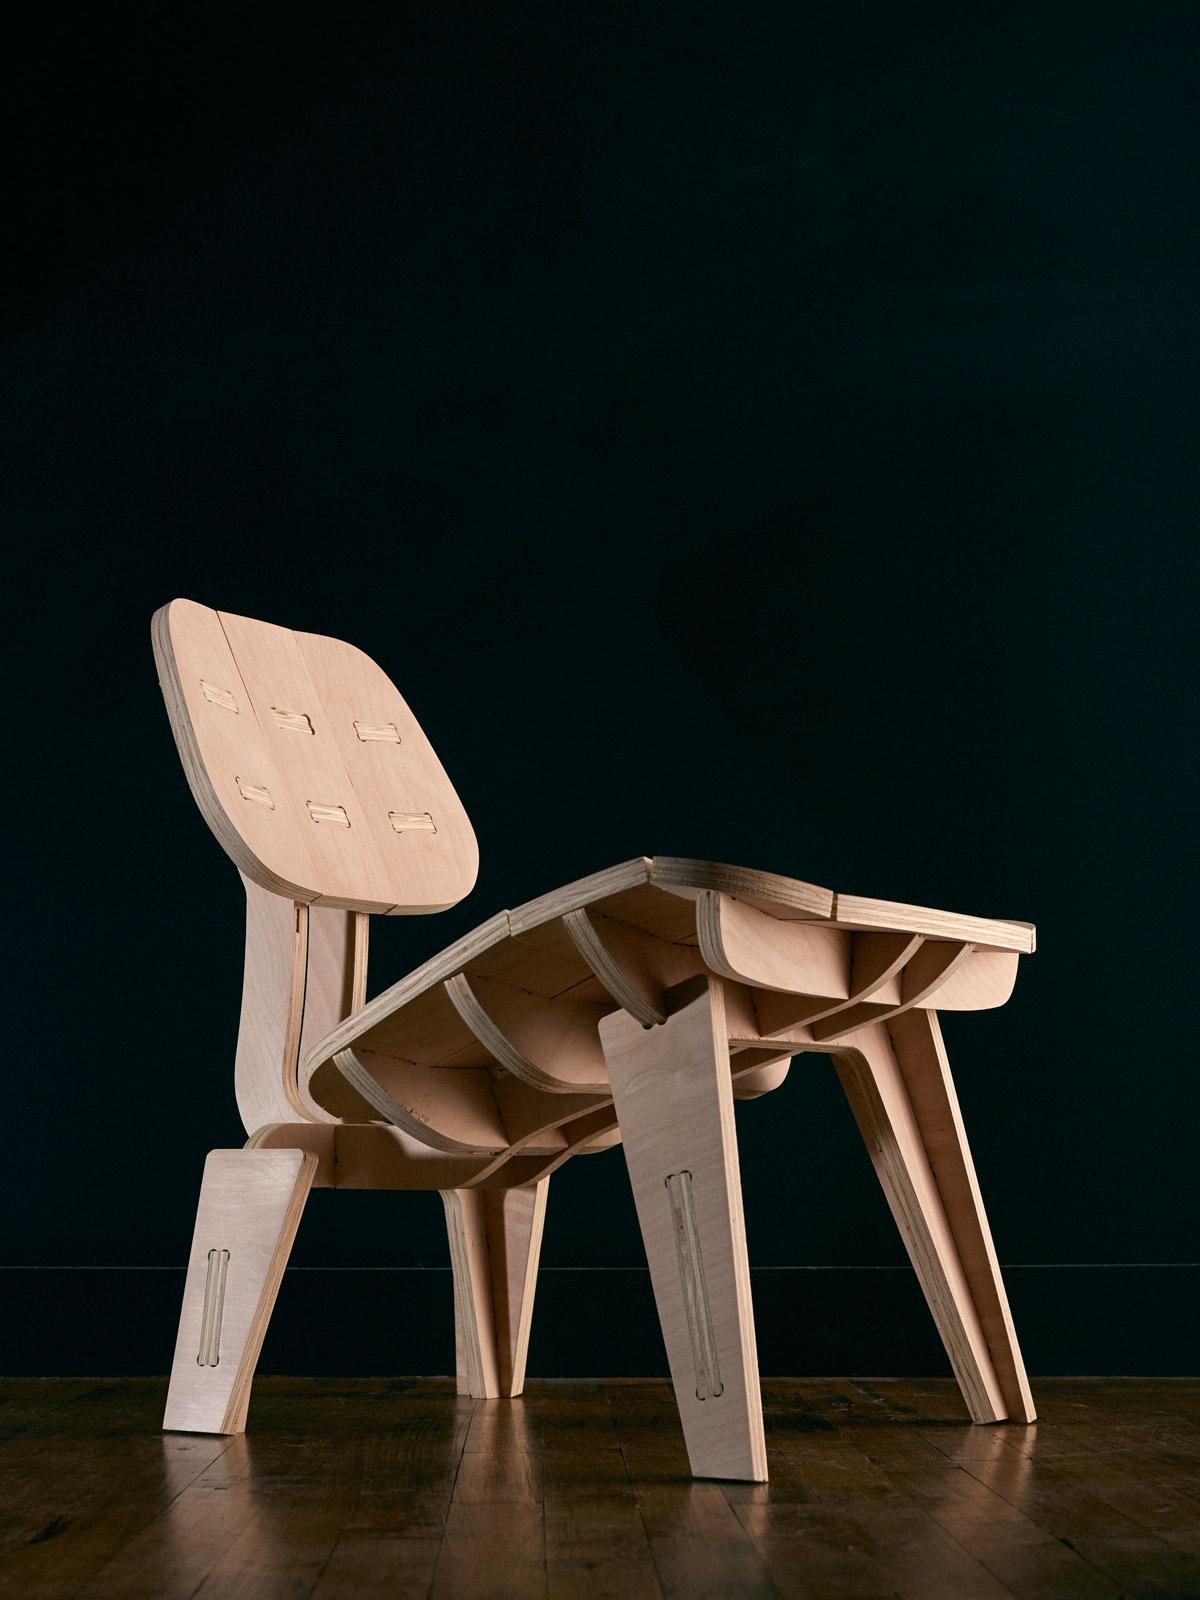 Flat Pack Chair — The Dream Team